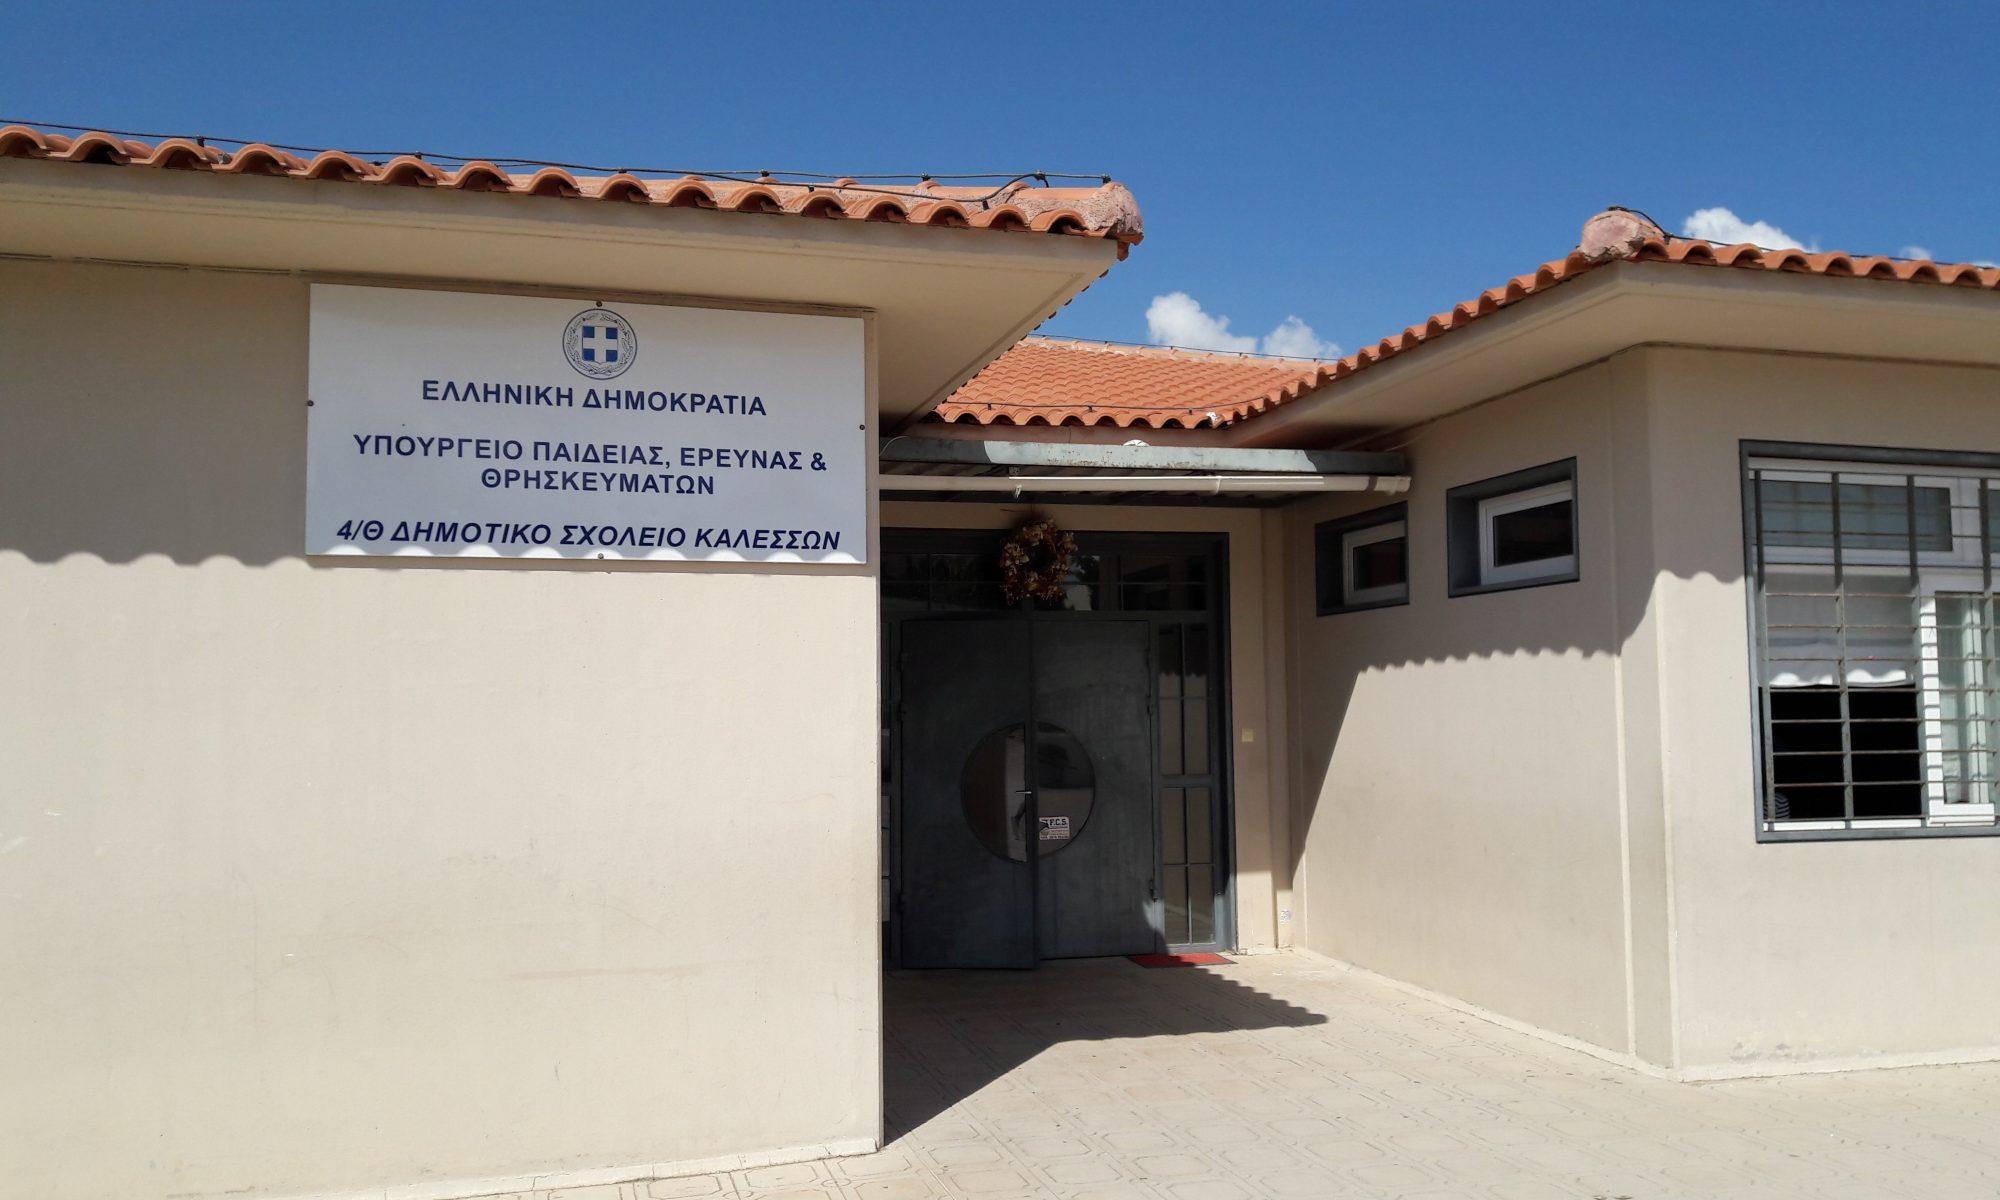 Δημοτικό Σχολείο Καλεσσών